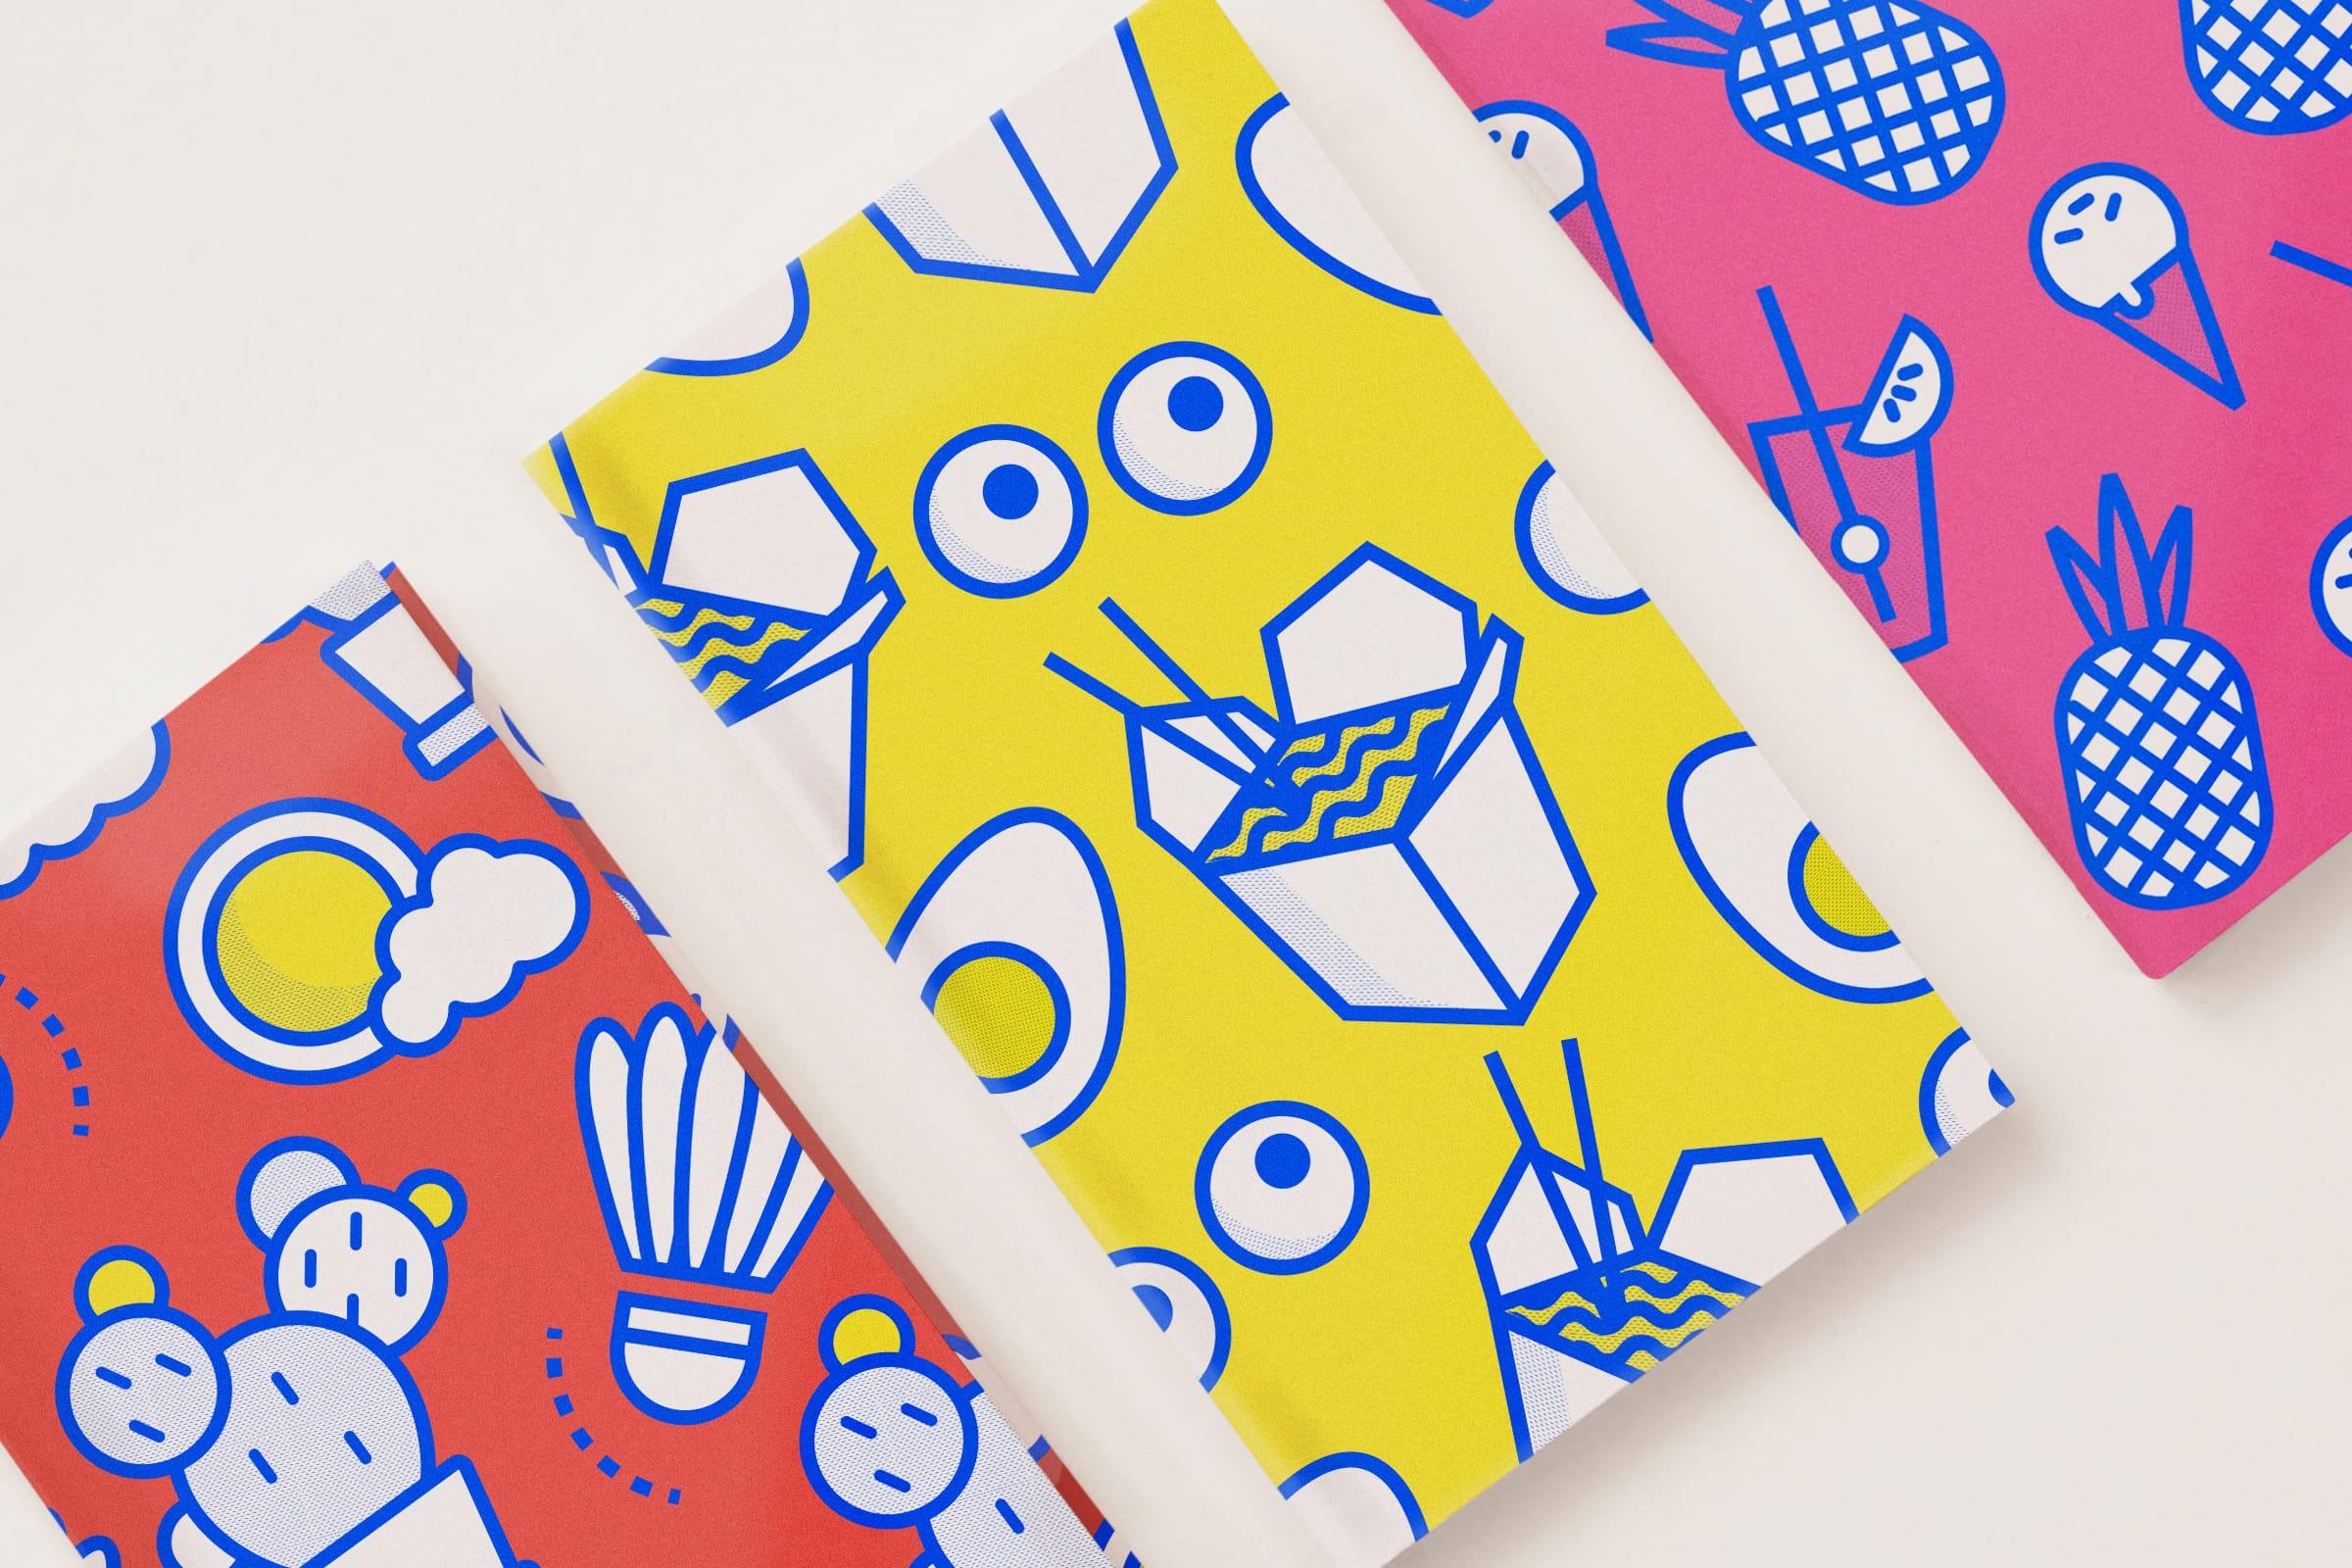 Notizbücher, Design, Muster, Farbe